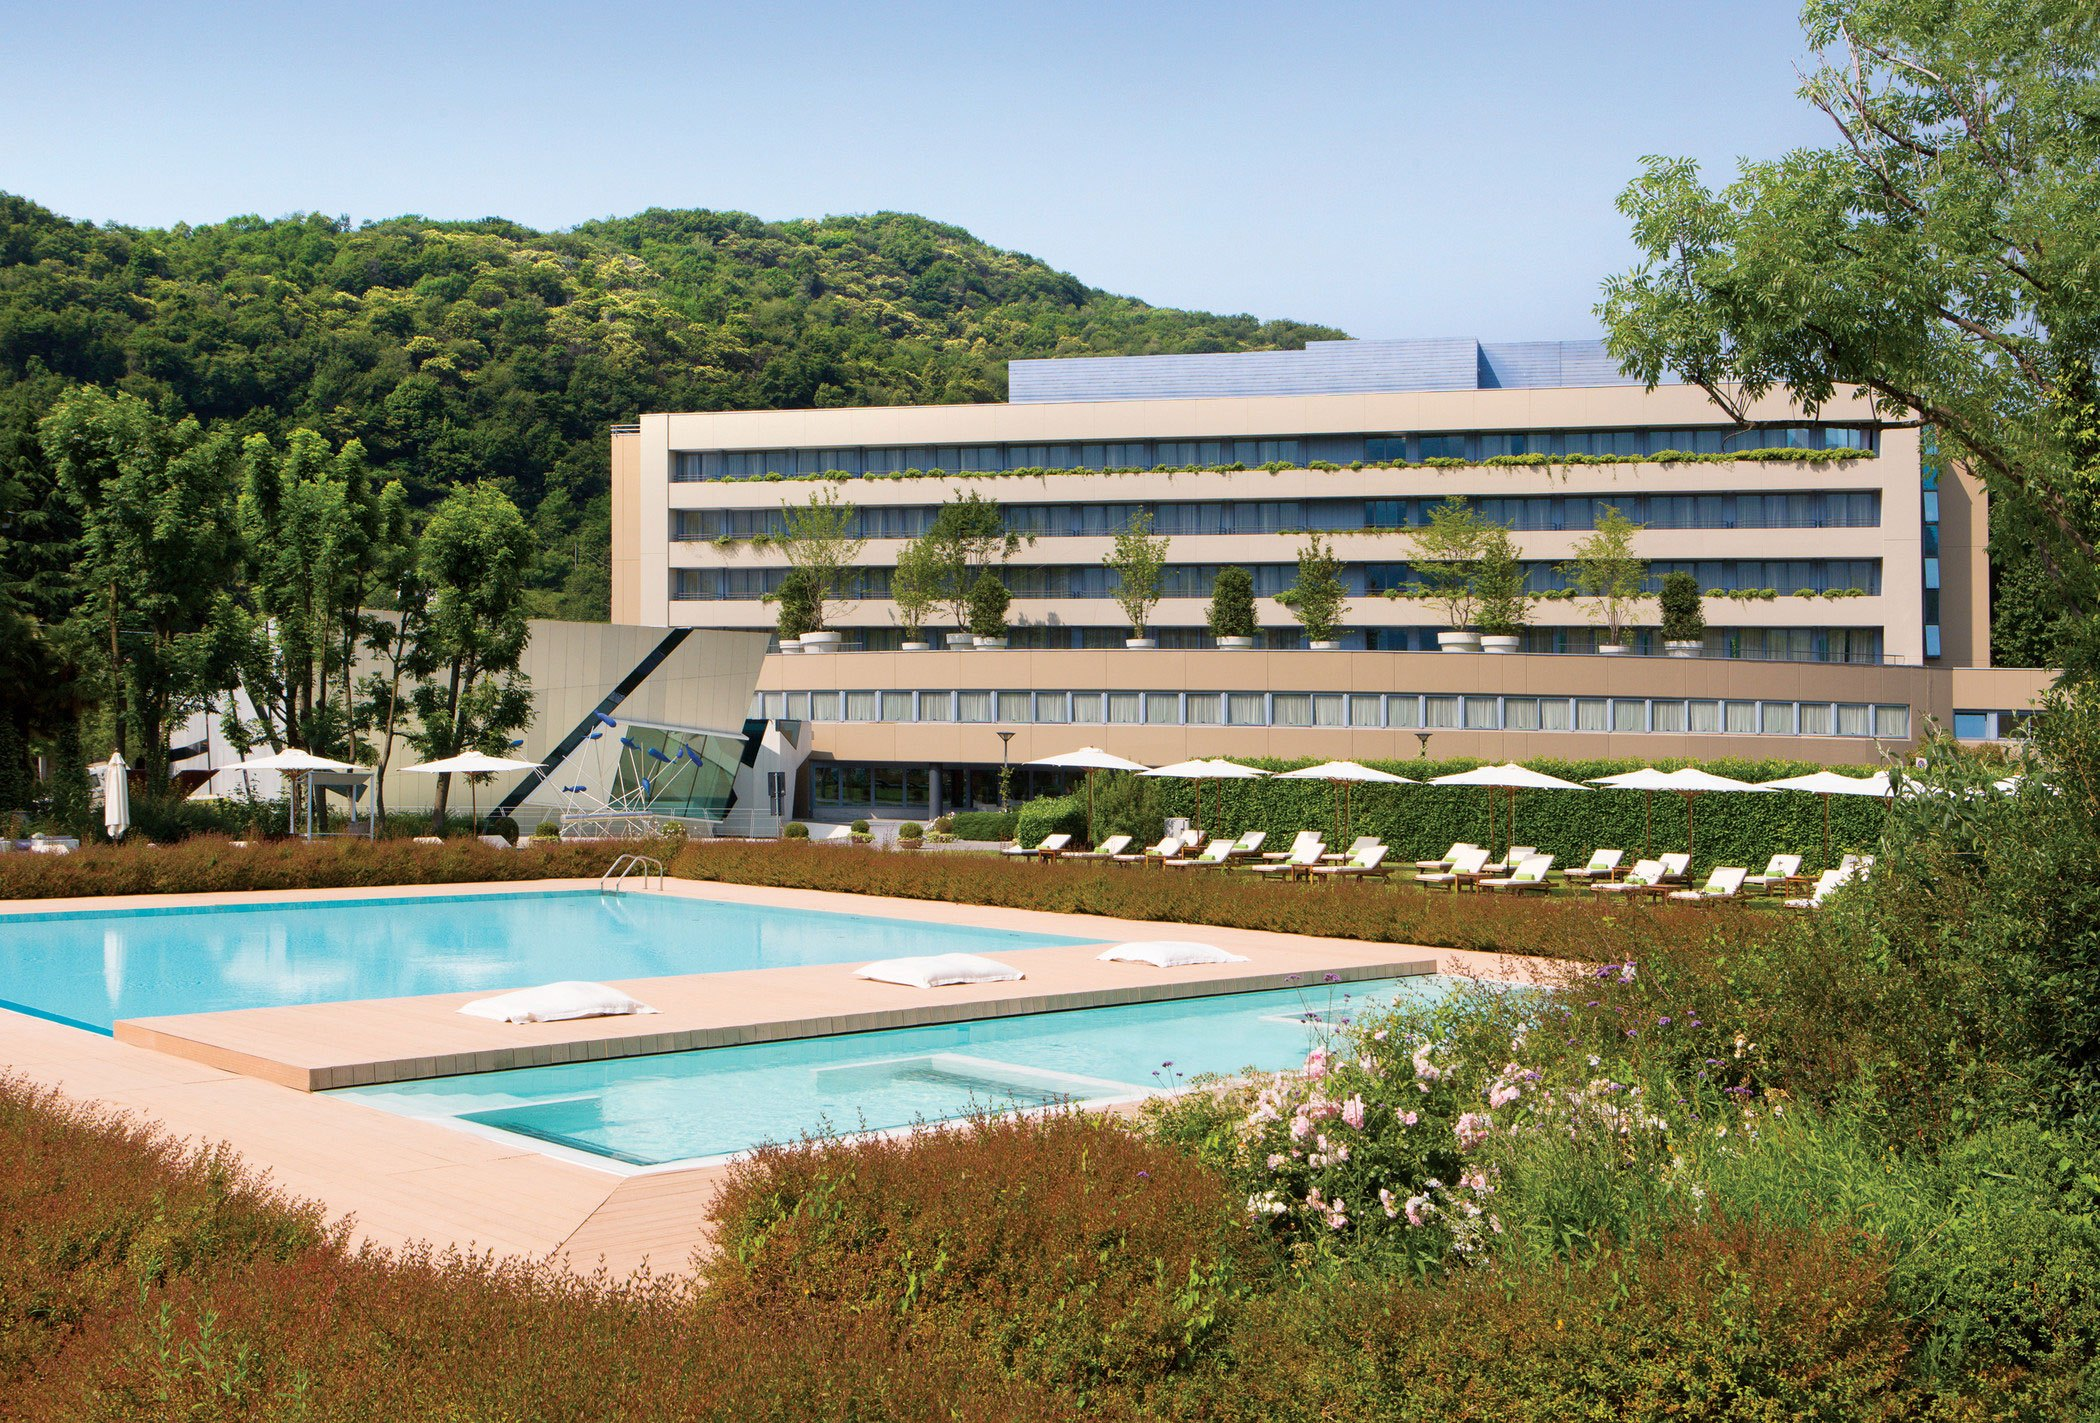 sheraton-lake-como-hotel-italy-exterior